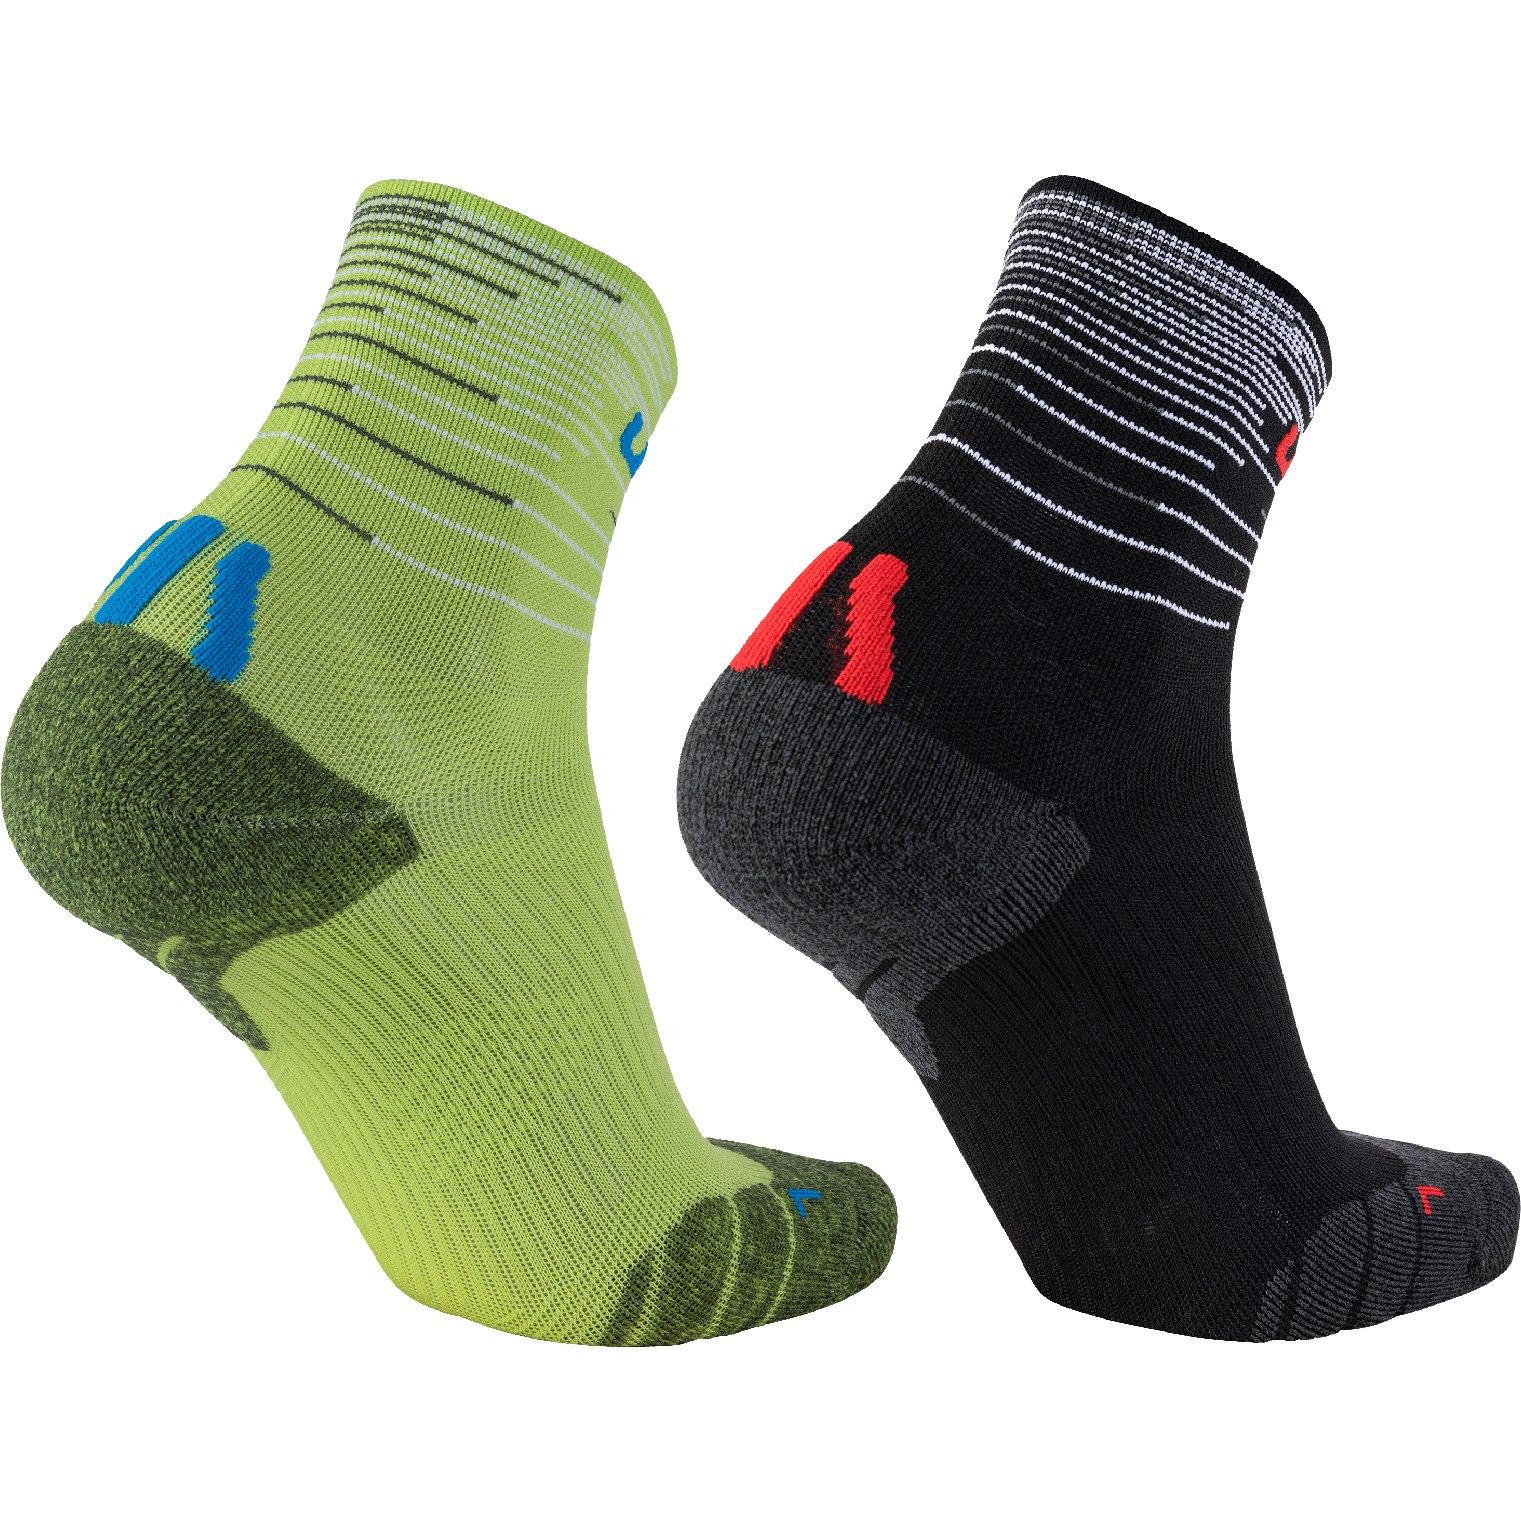 Bild von UYN Free Run Socken 2 Paar - Black/Red-Green Lime/French Blue